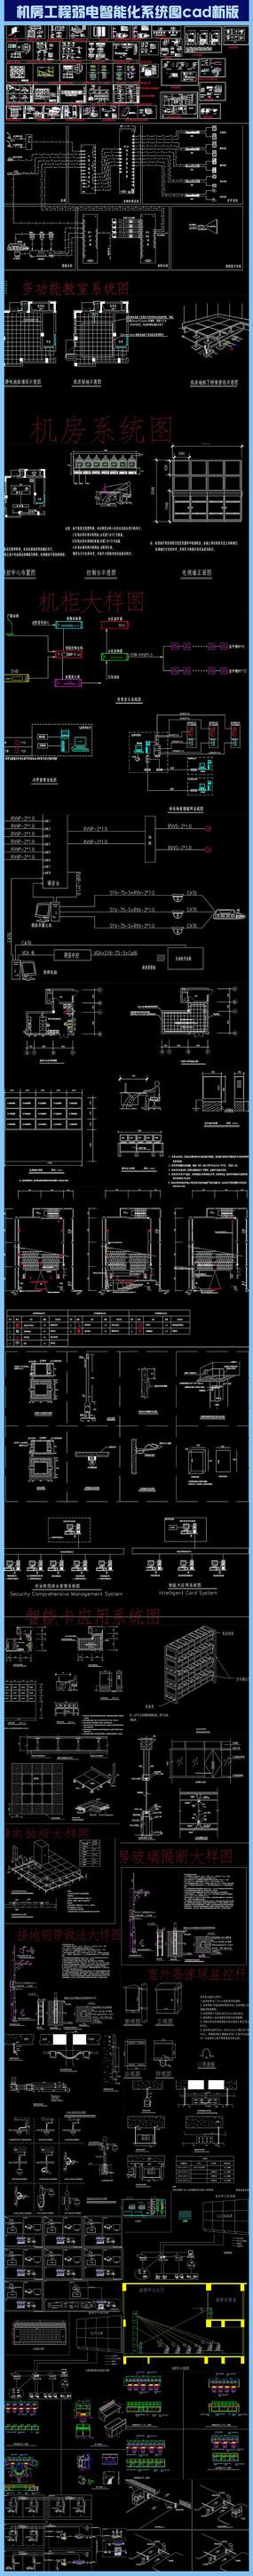 机房工程弱电智能化系统图